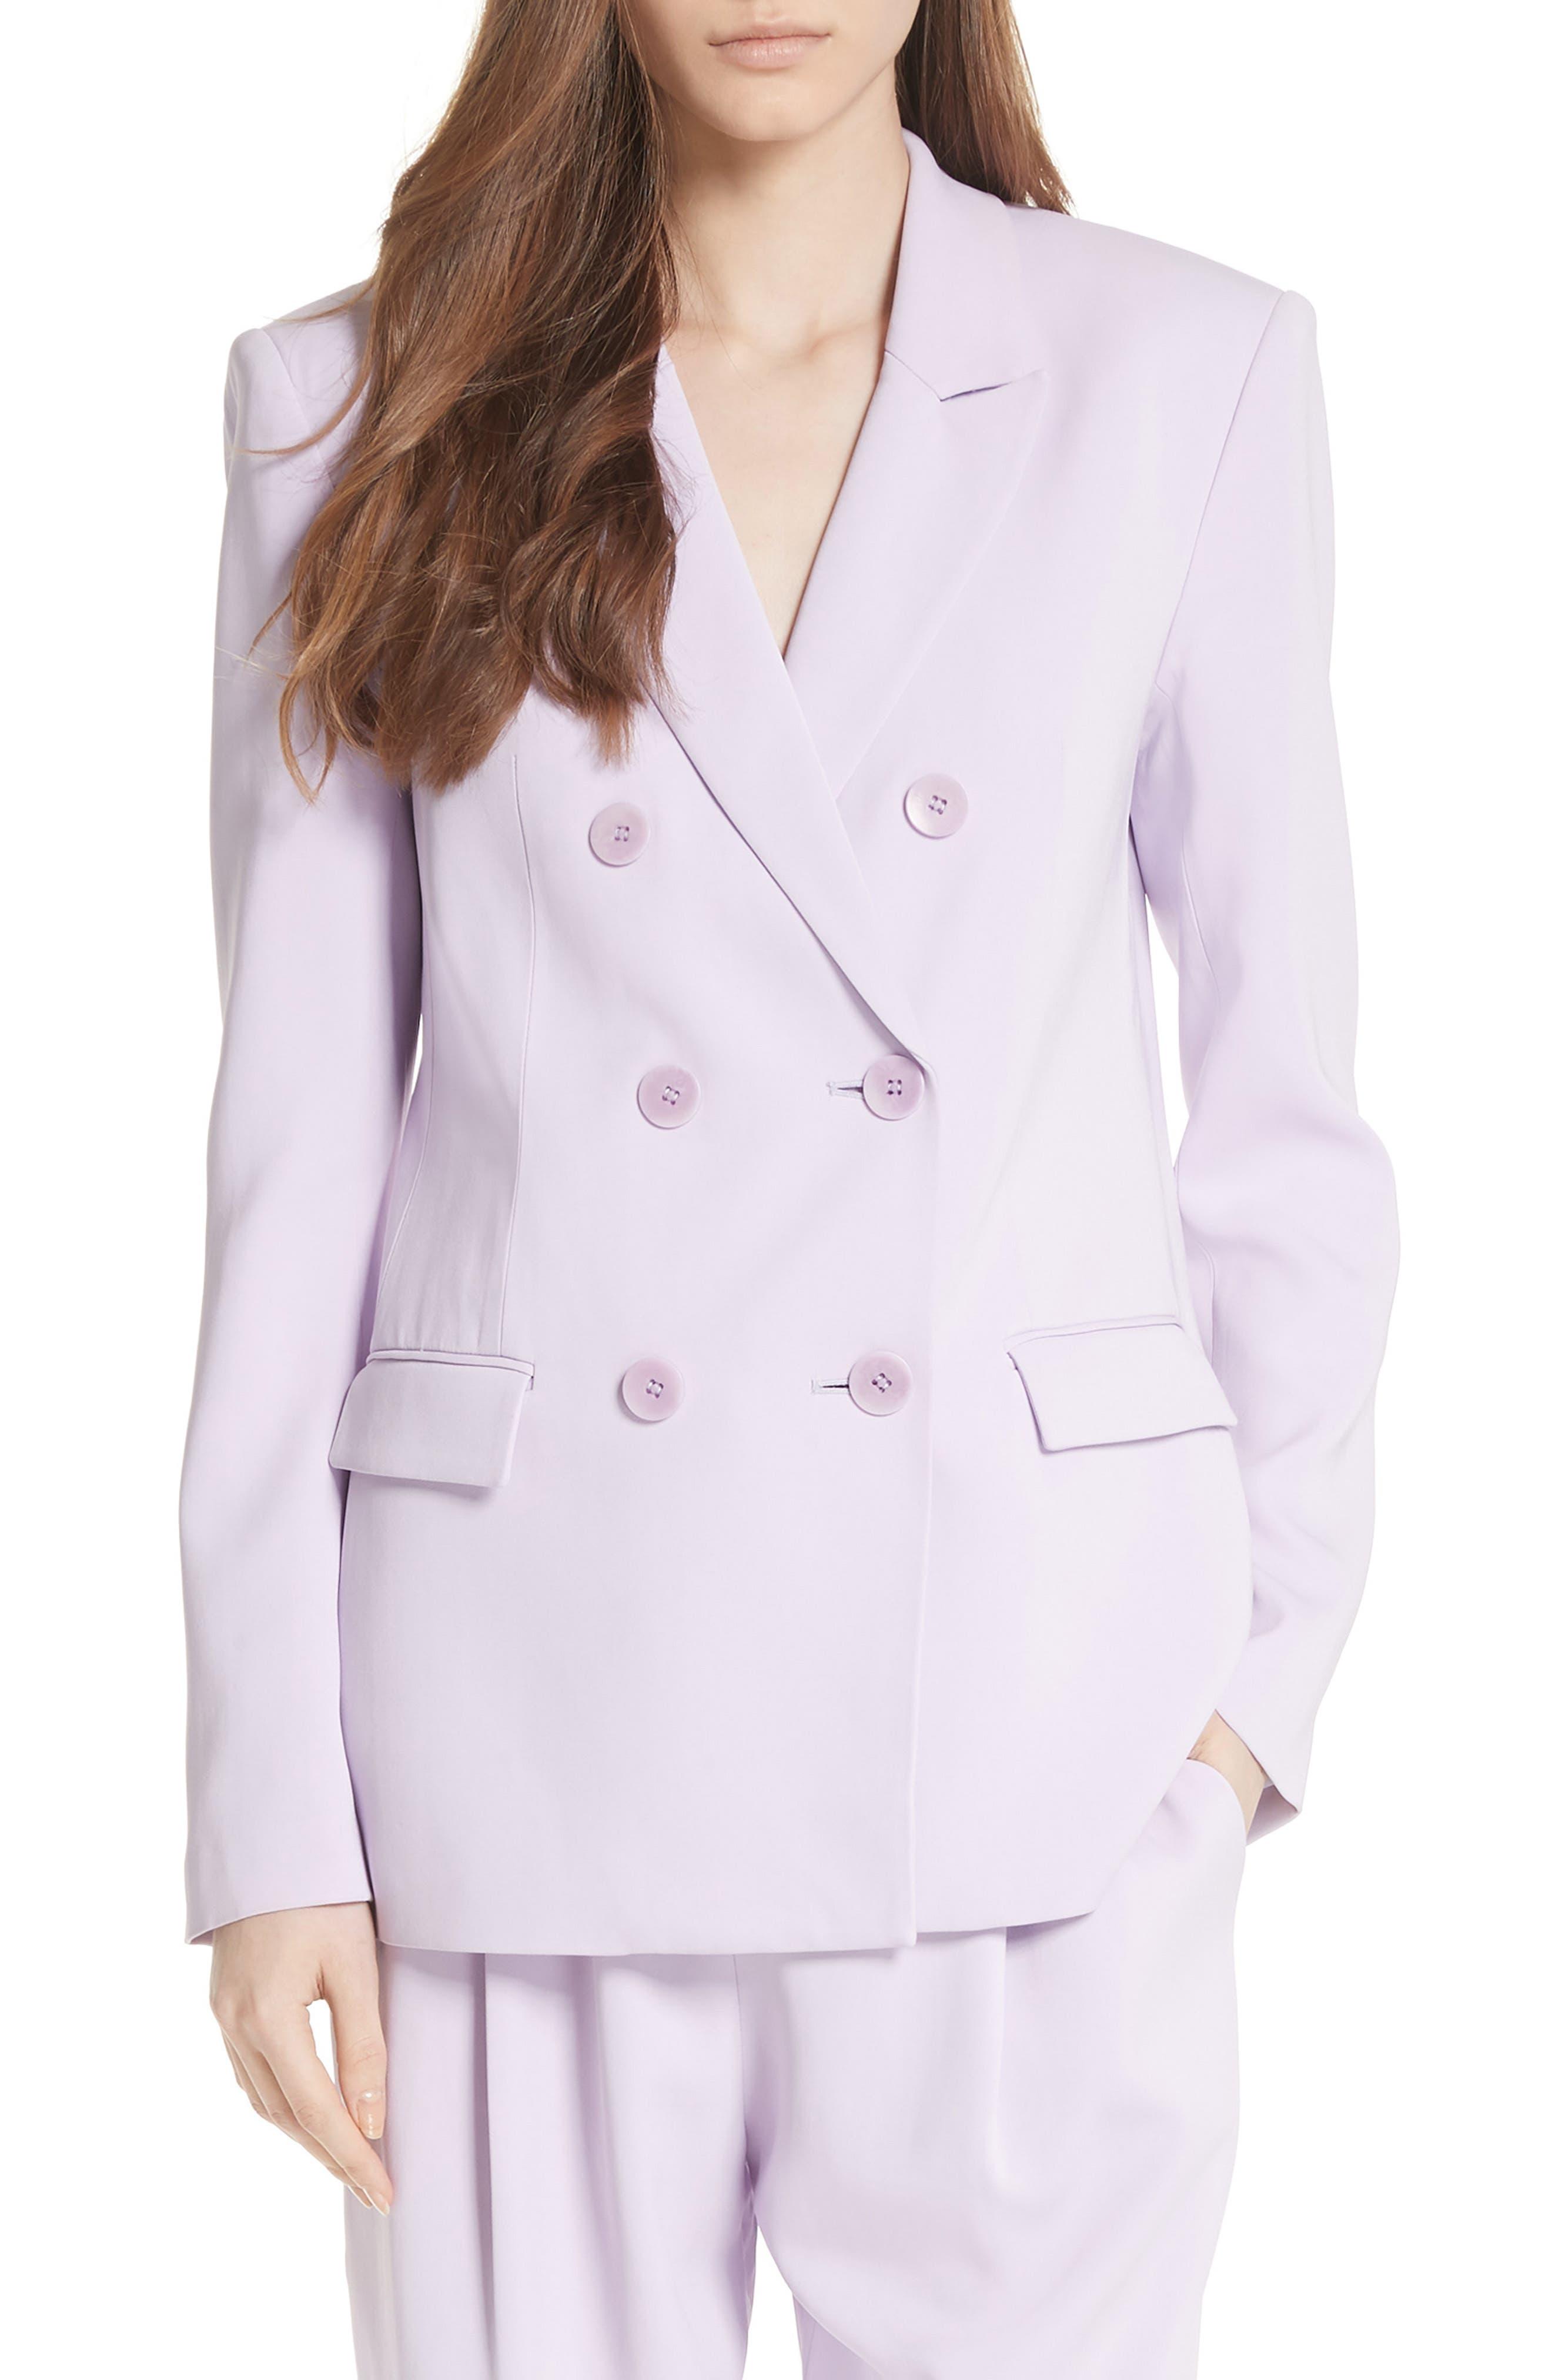 Steward Suit Jacket,                         Main,                         color, Lavender